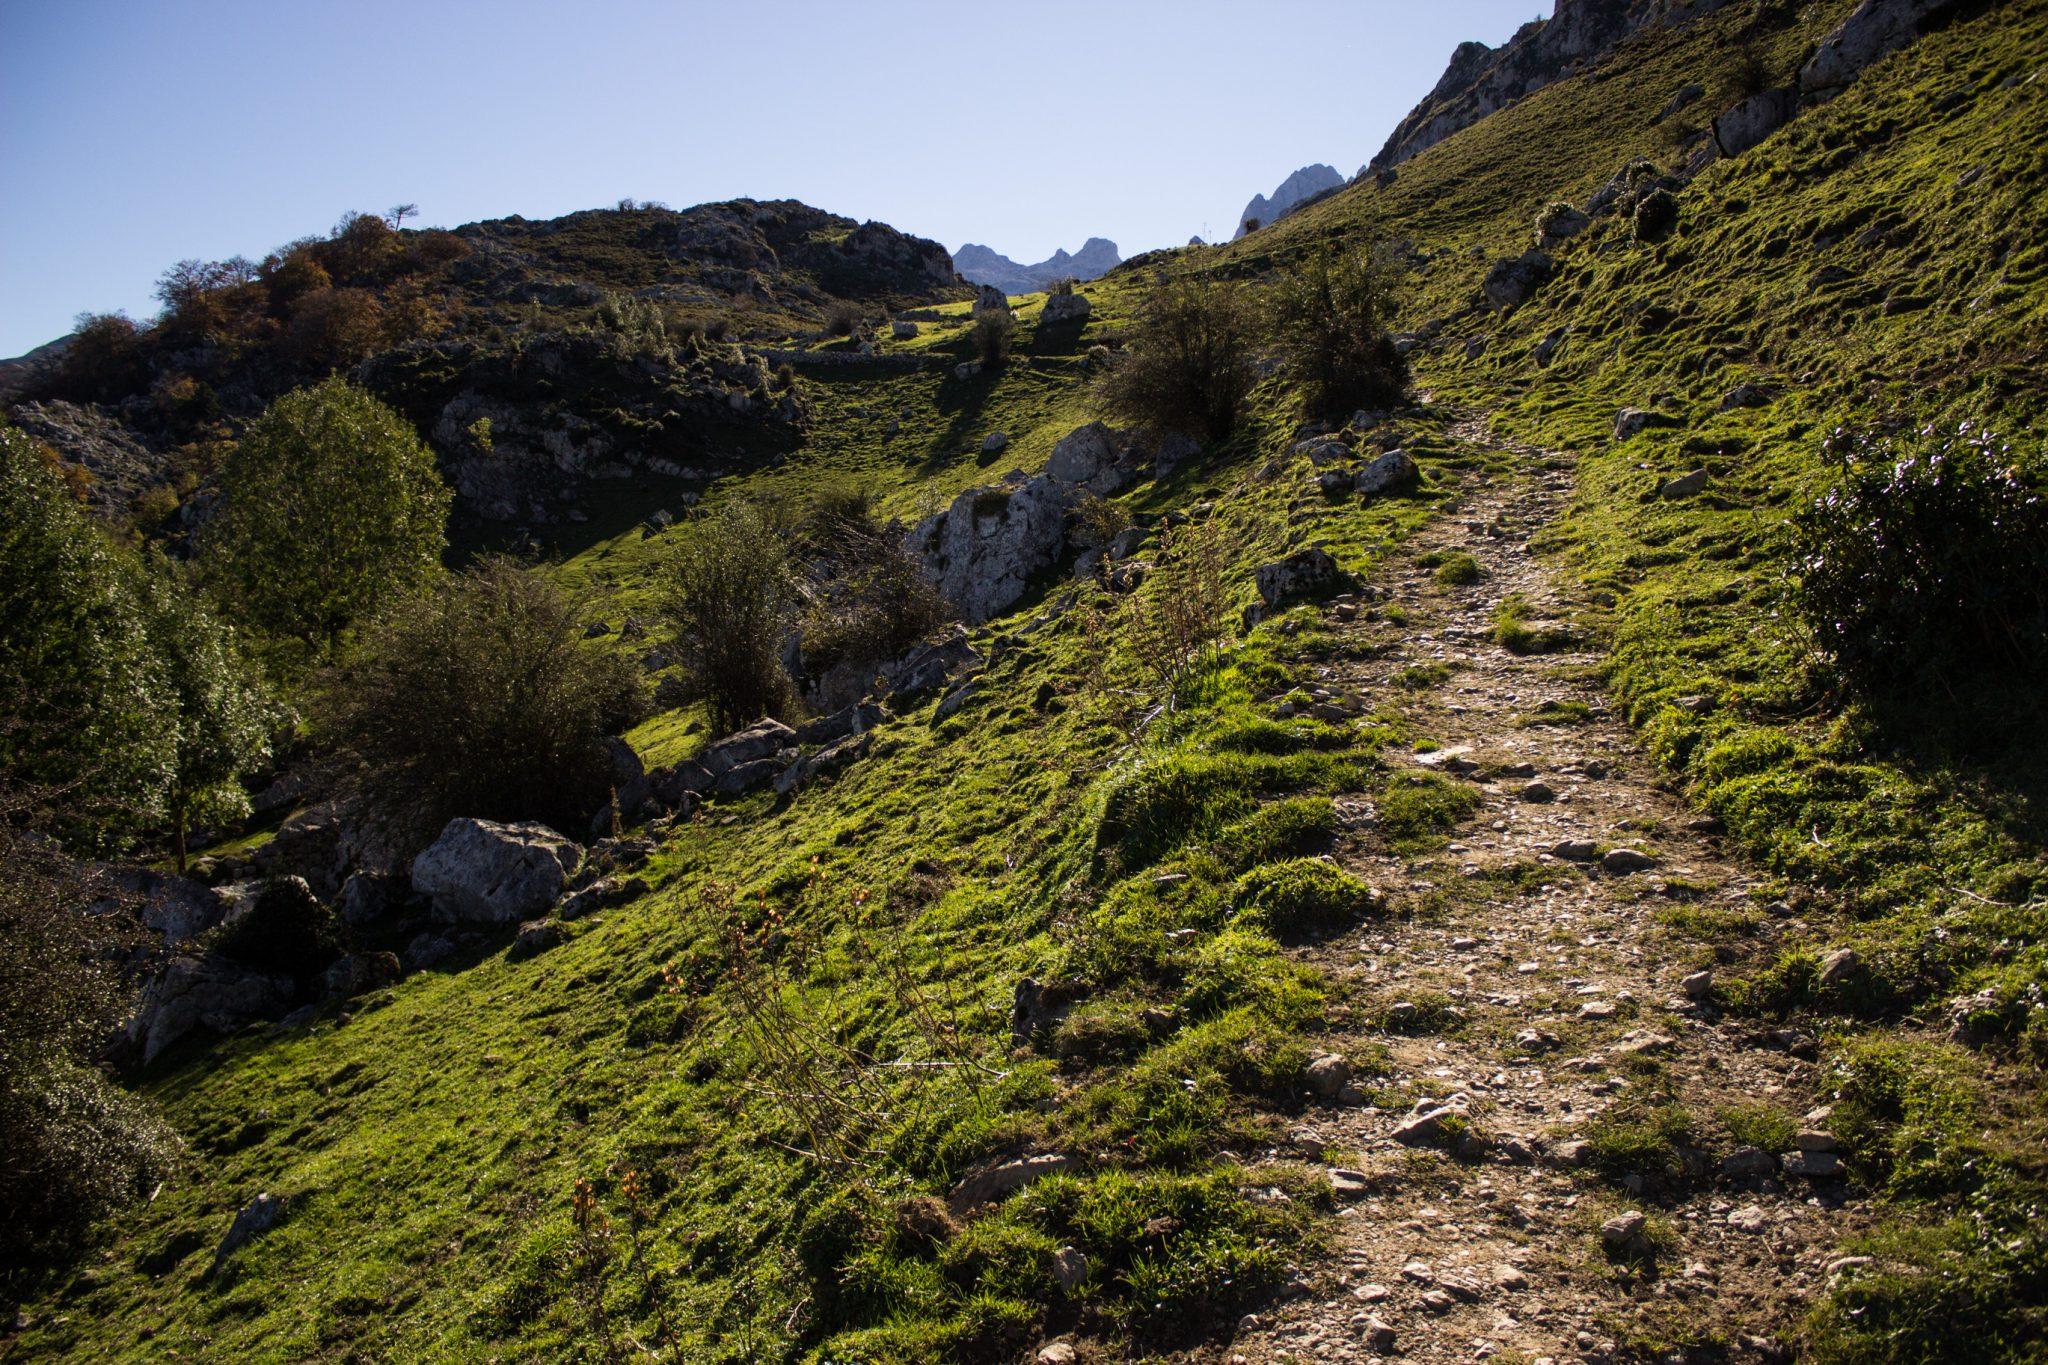 Wanderung Mirador de Ordiales Picos de Europa Spanien, Anstieg, schmaler Pfad, Hang